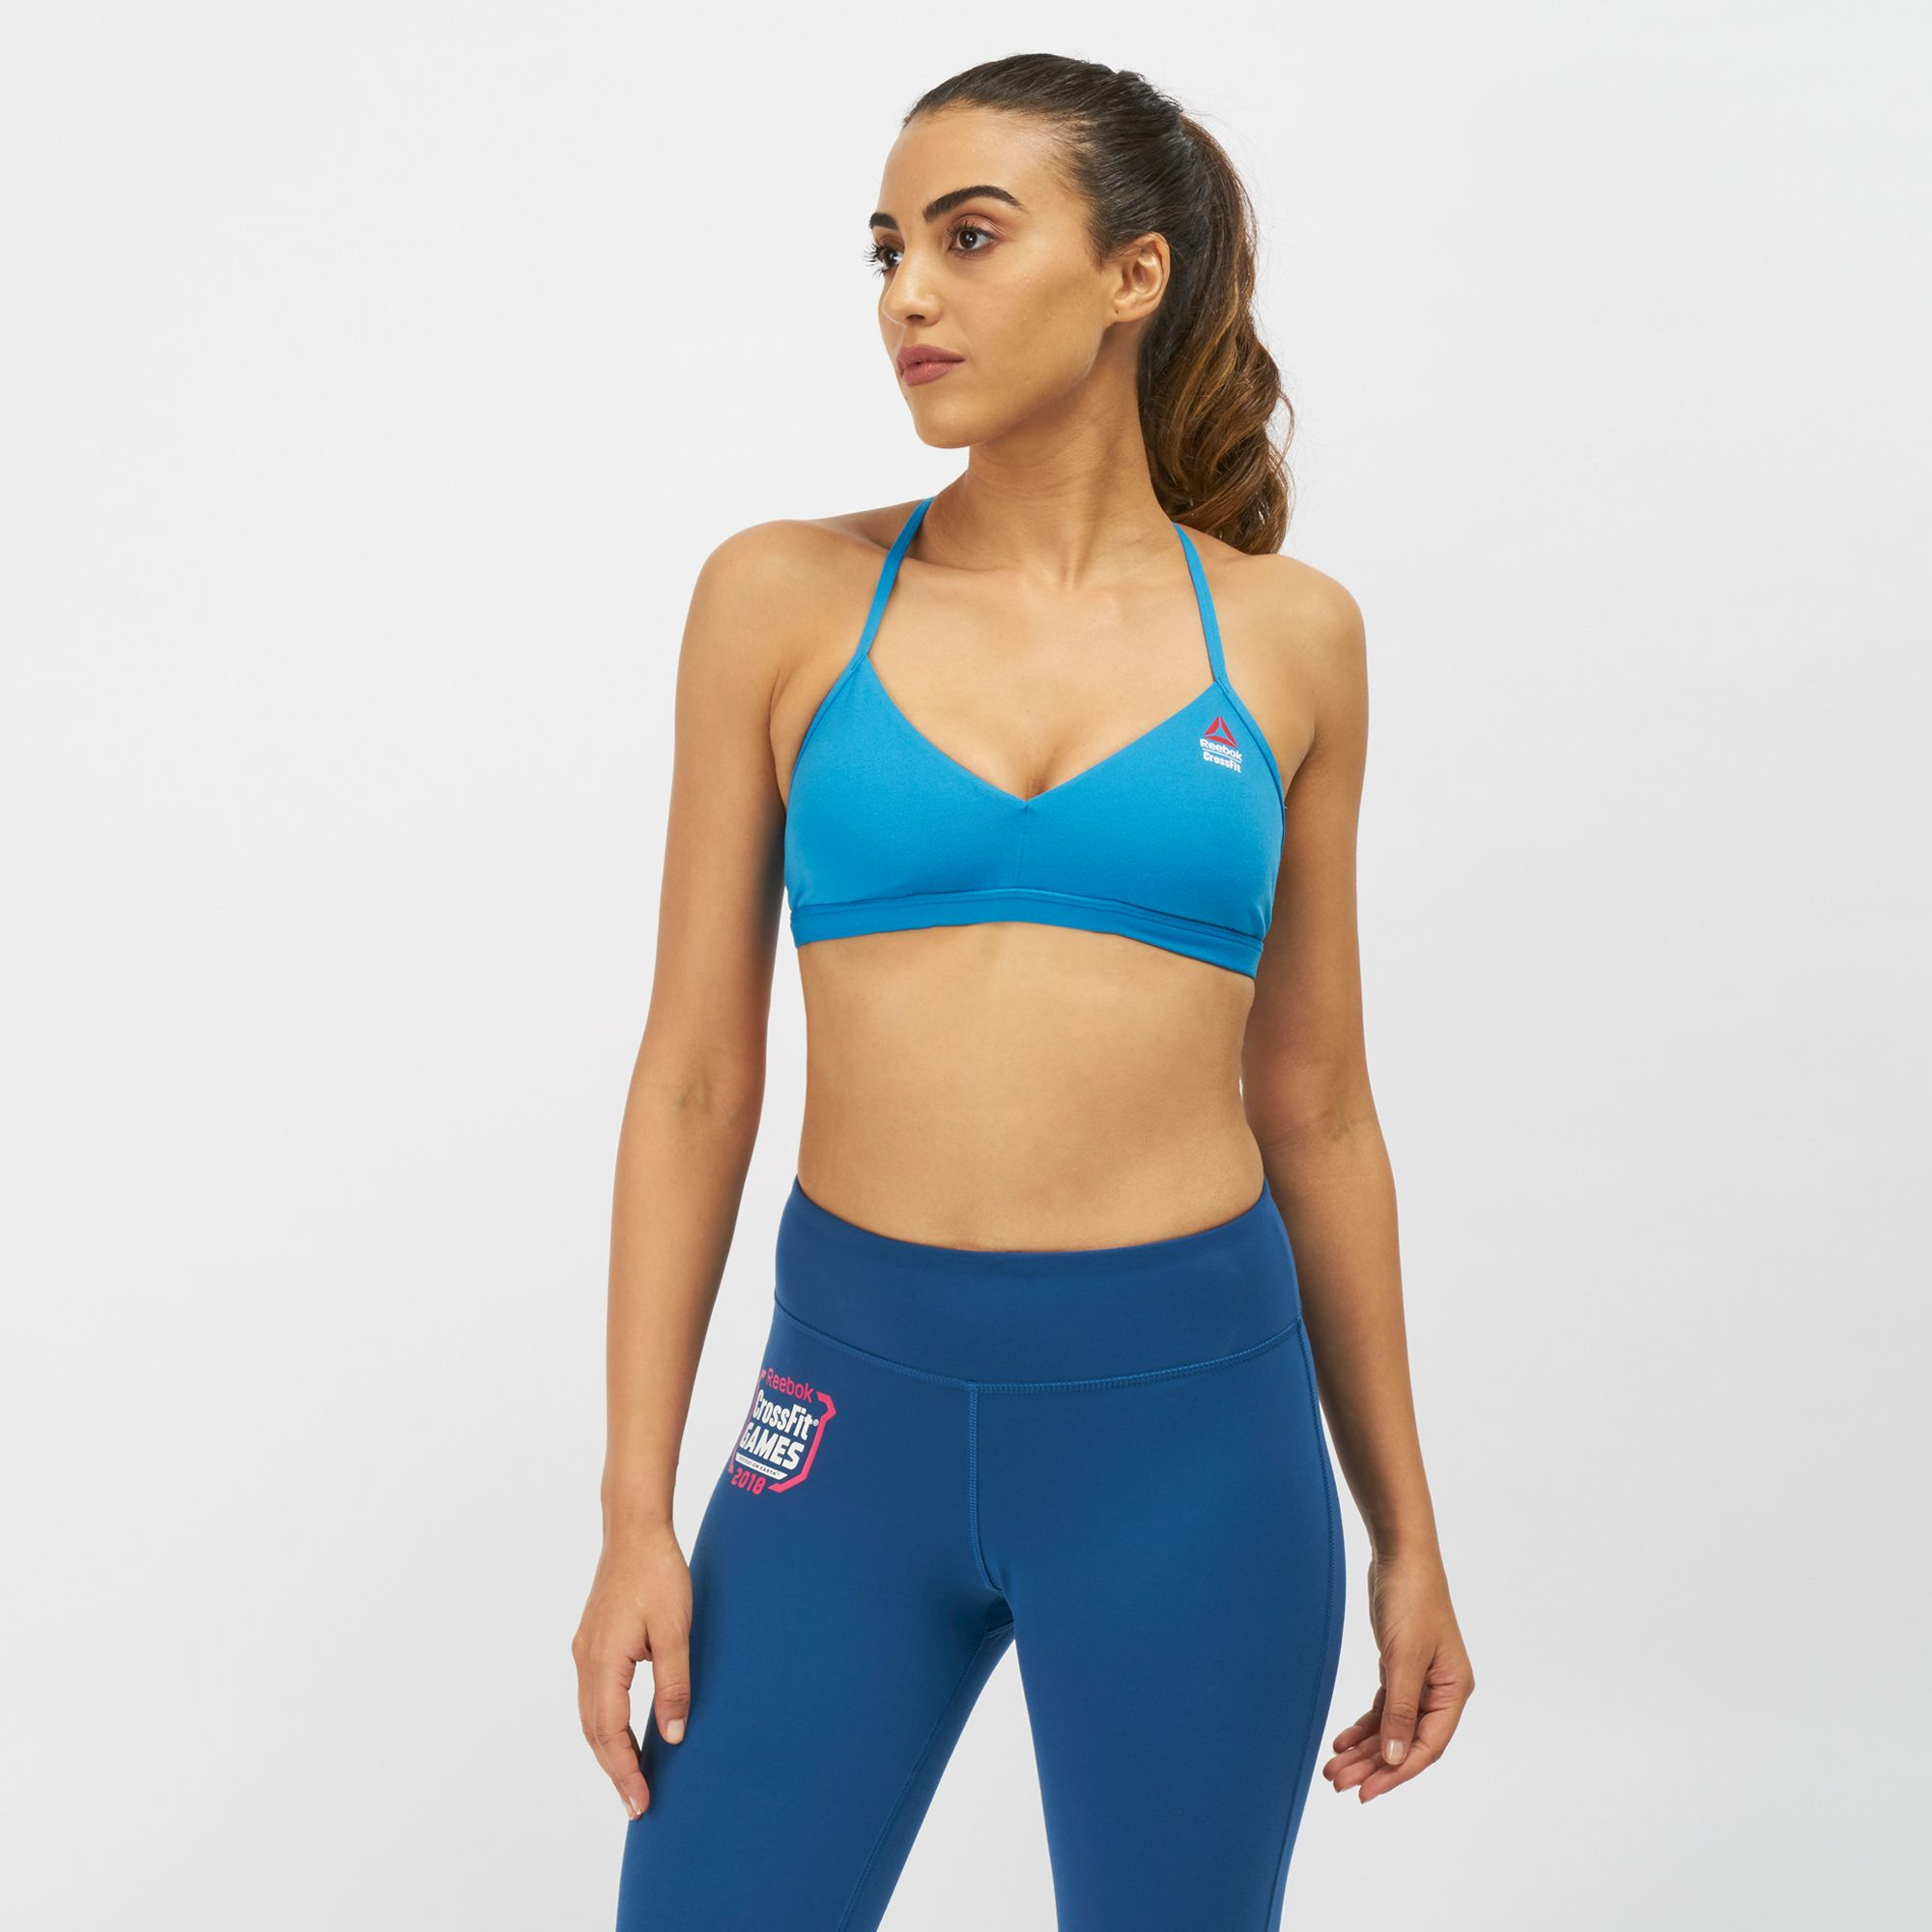 b8557303dadd6 Reebok CrossFit Micro Sports Bra